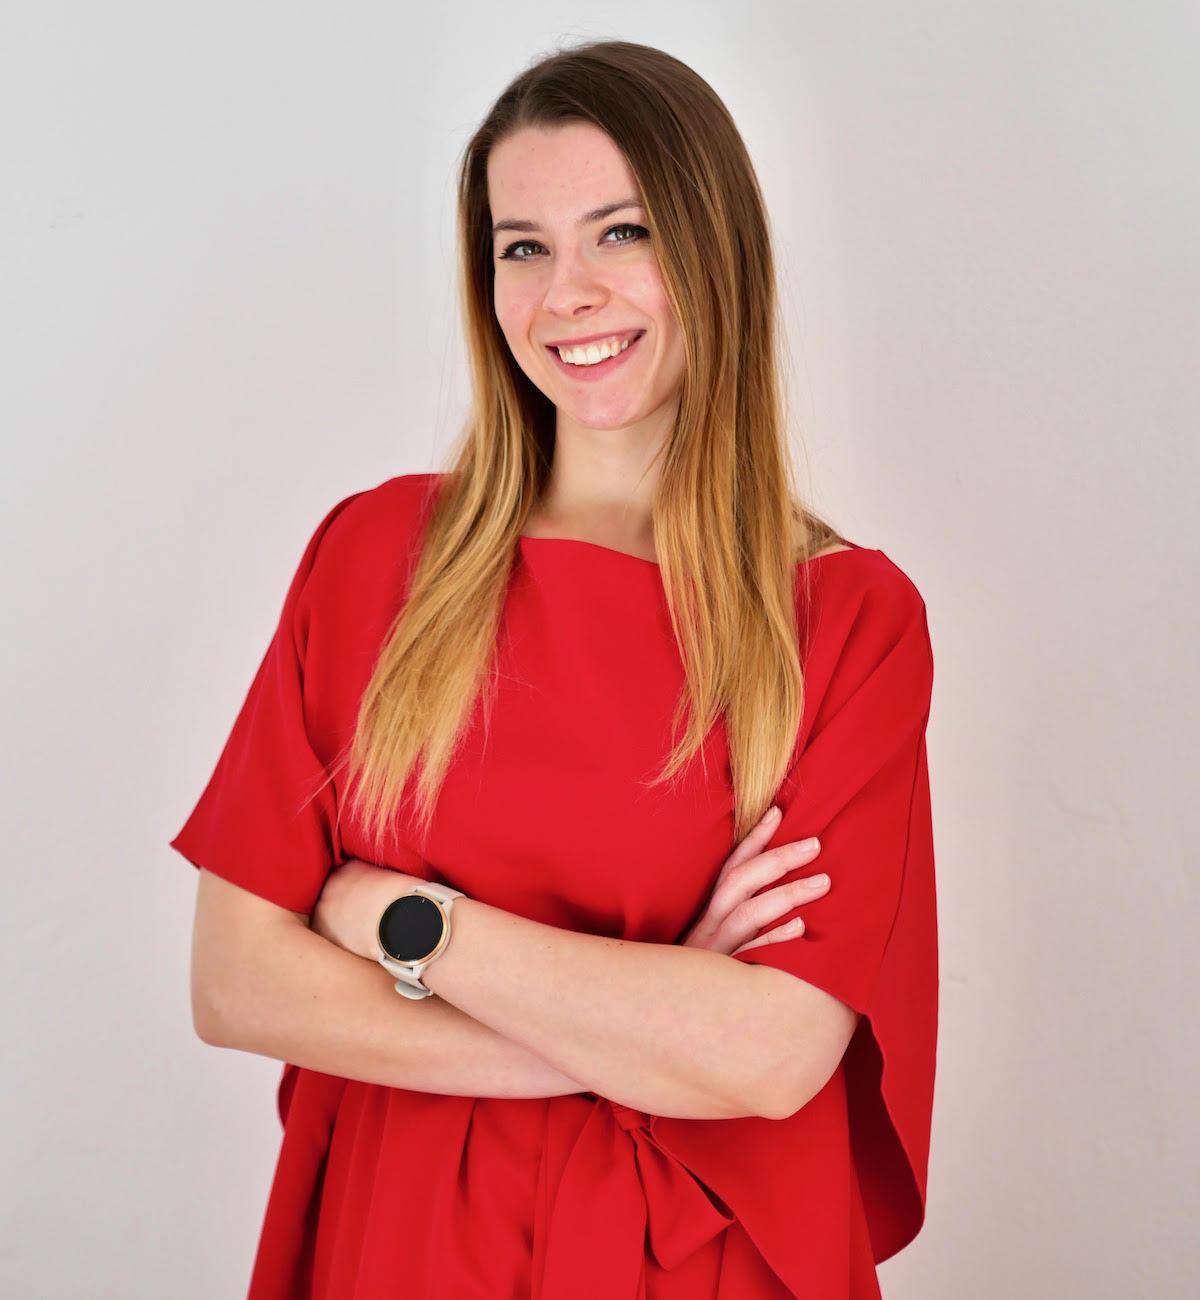 Barbora Hózová